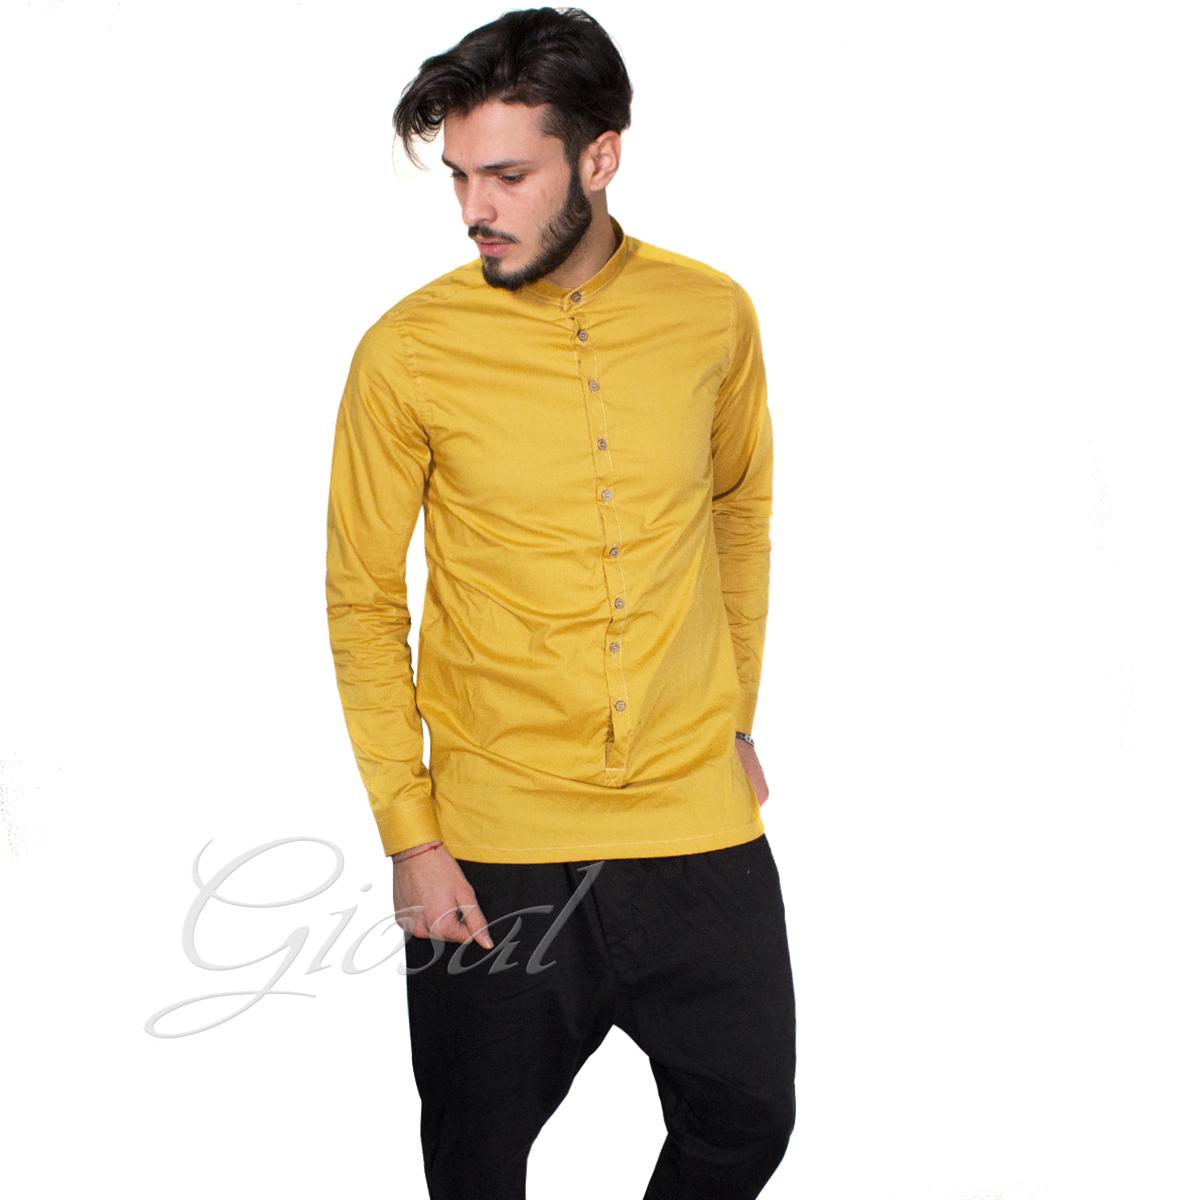 Camicia-Uomo-Over-D-Bottoni-Collo-Coreano-Tinta-Unita-Vari-Colori-Casual-GIOSAL miniatura 3